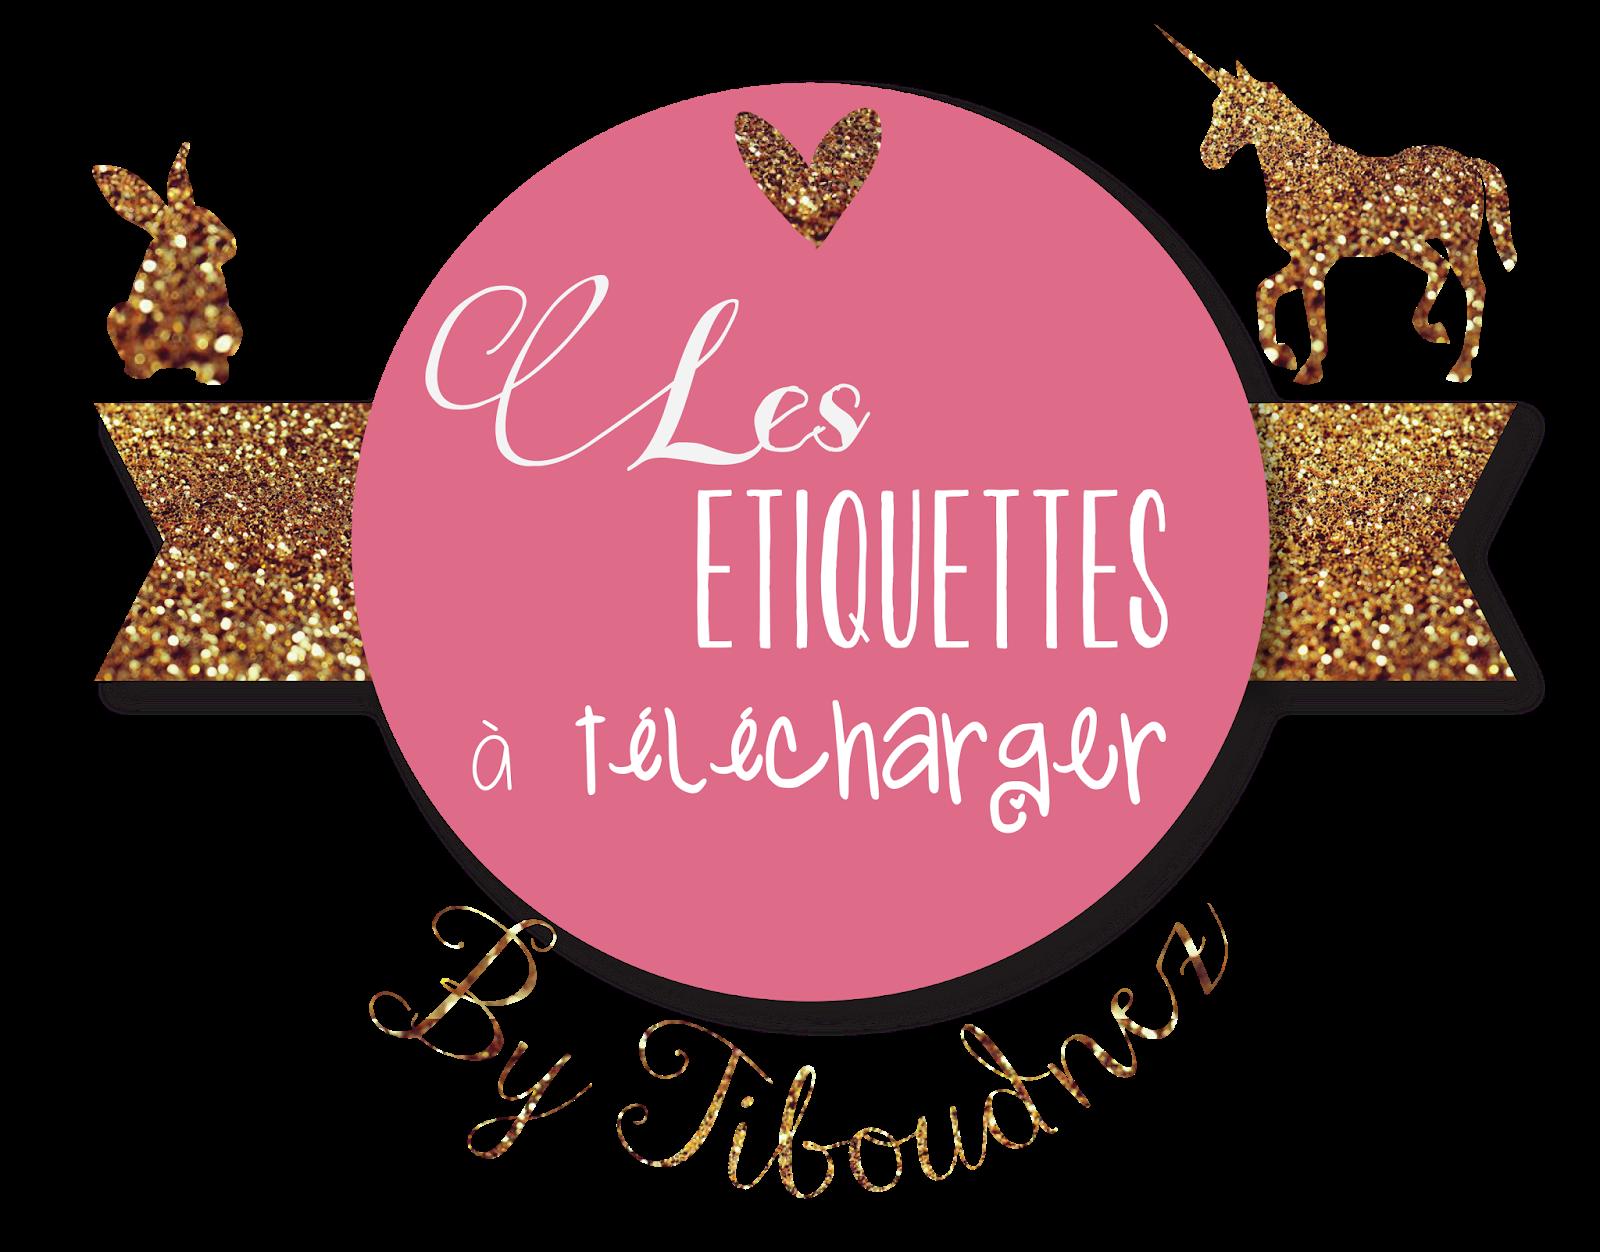 Bien-aimé ♥ Des licornes & des poussins - A imprimer ♥ - TIBOUDNEZ QU25